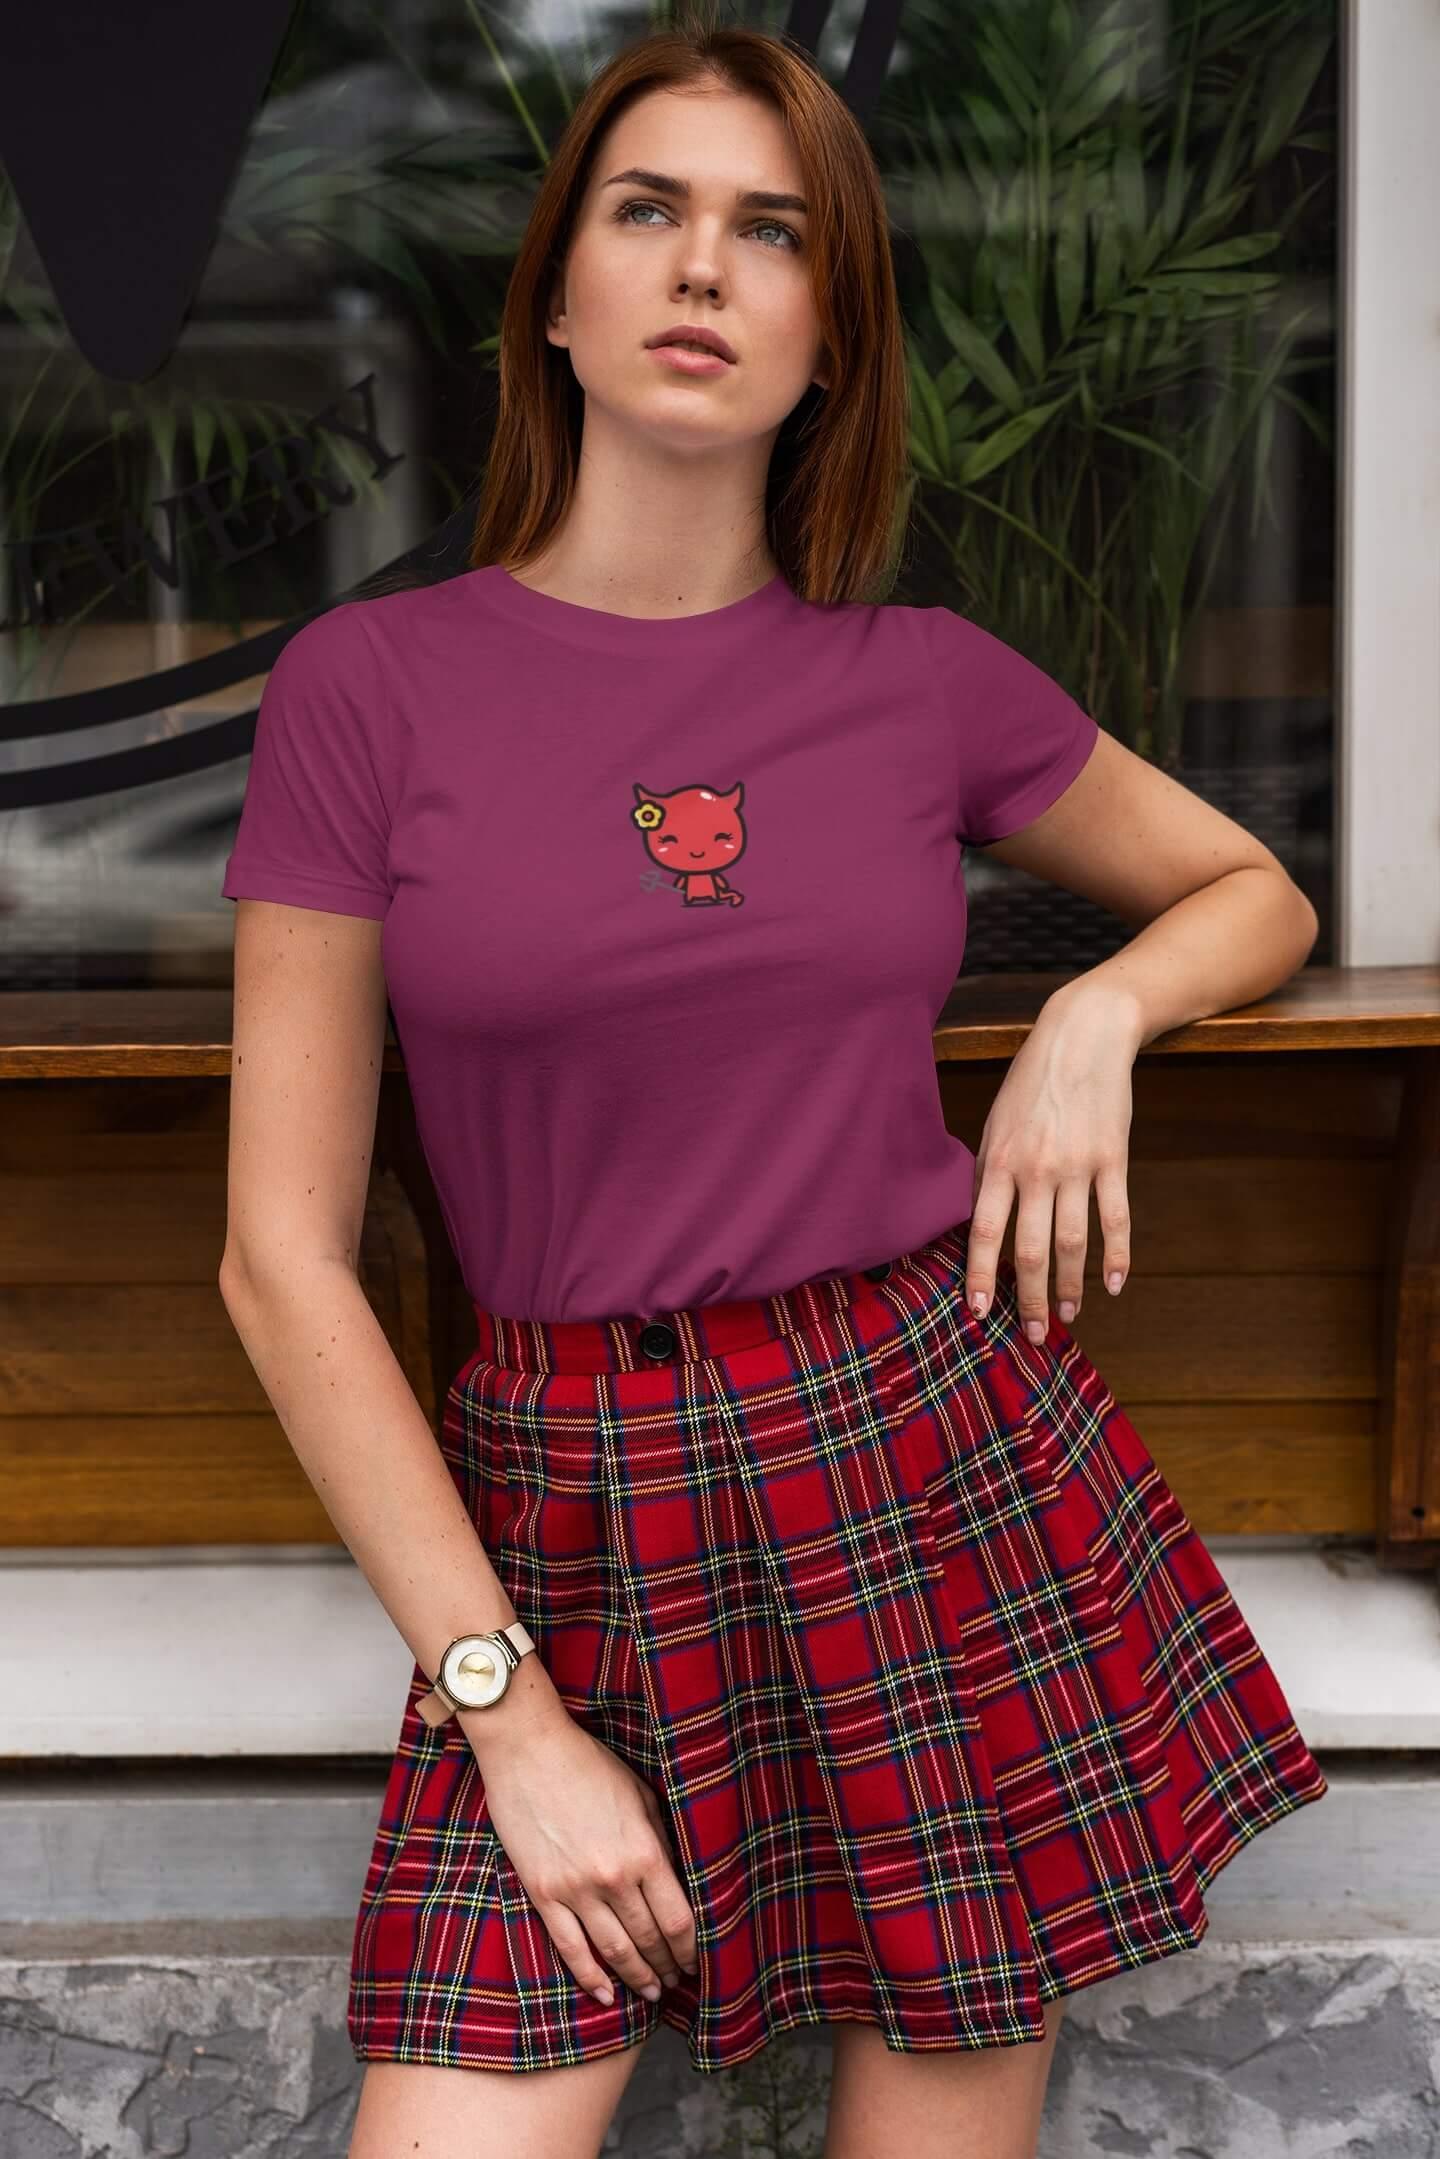 MMO Dámske tričko Čert s kvietkom Vyberte farbu: Fuchsiovo červená, Vyberte veľkosť: XL